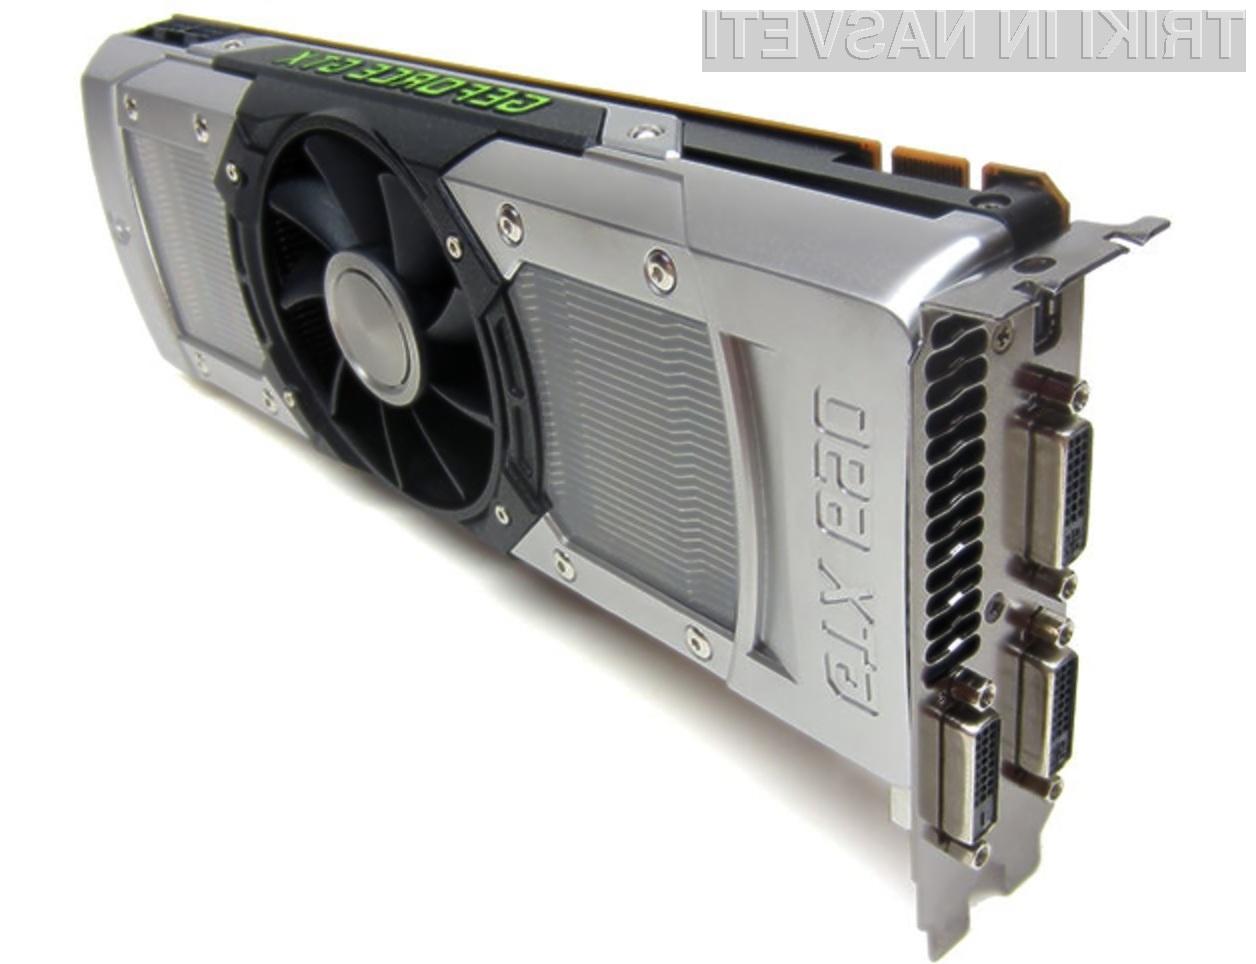 Cenovno povsem neprimerljive grafične kartice GeForce GTX690, Quadro K5000 in Tesla K10 so v osnovi povsem enake.